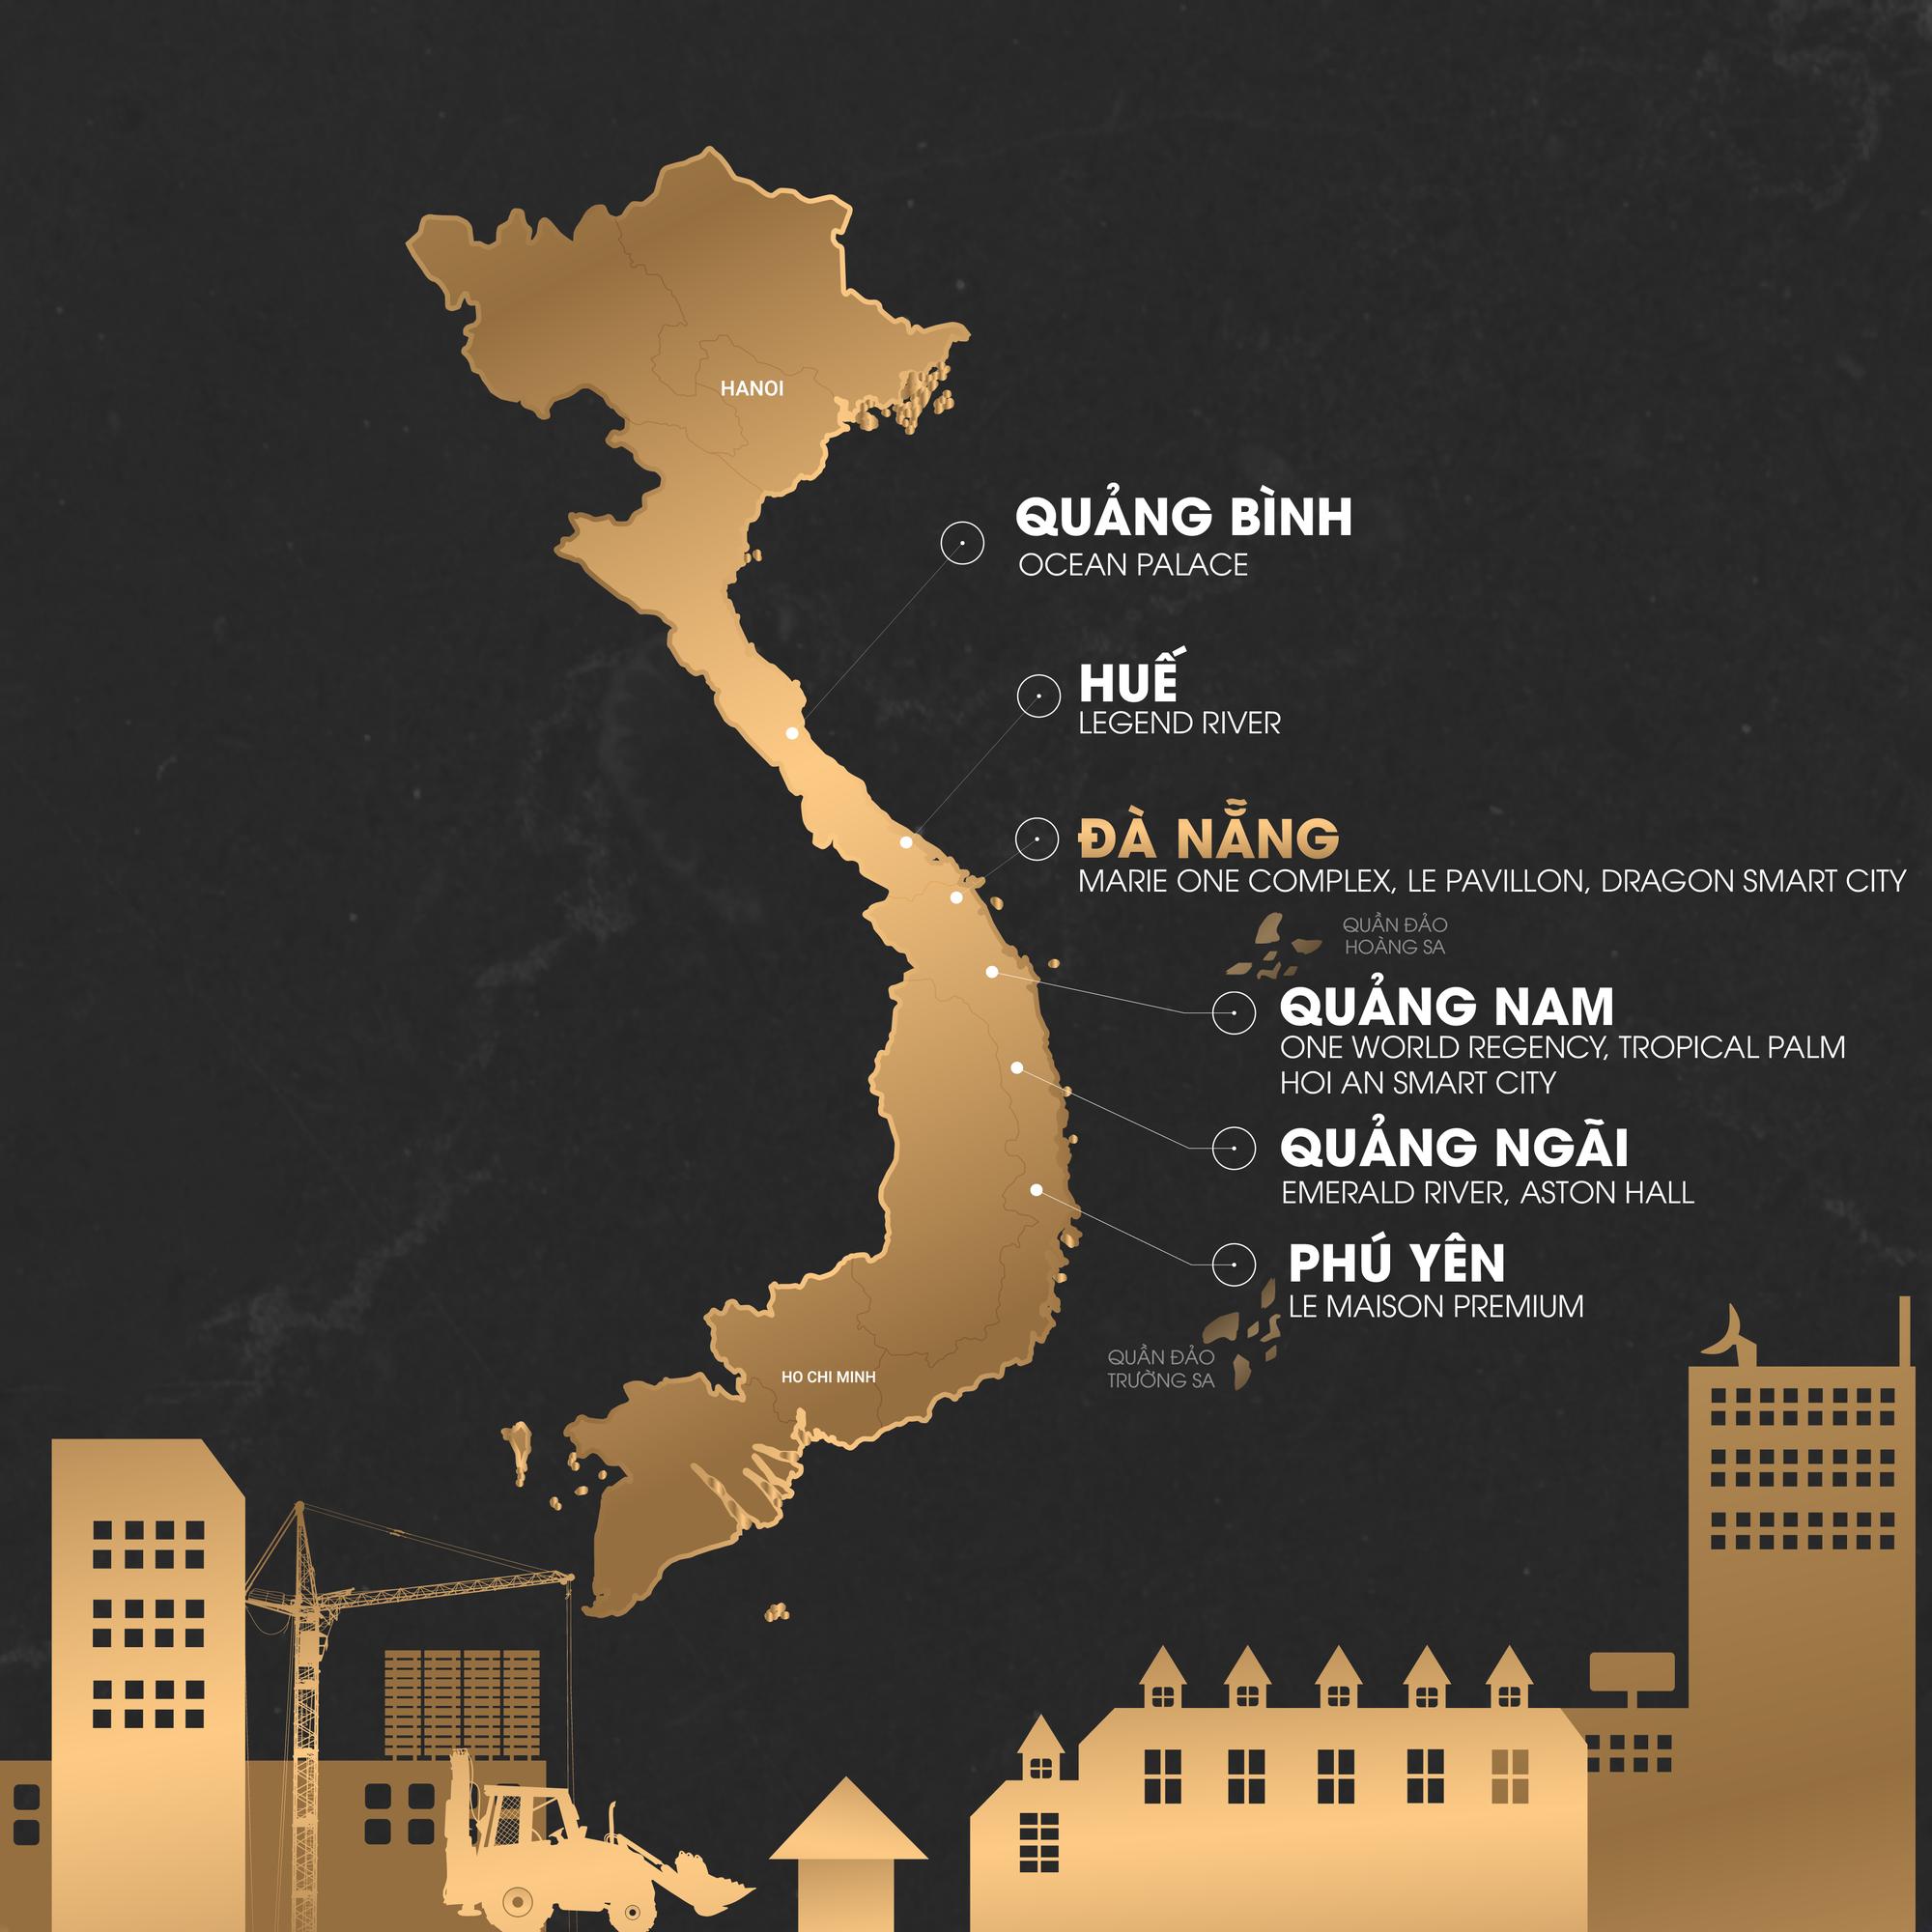 Hậu Covid-19, Đất Xanh Miền Trung quyết đặt dấu chân lên miền Trung trong năm nay - Ảnh 1.